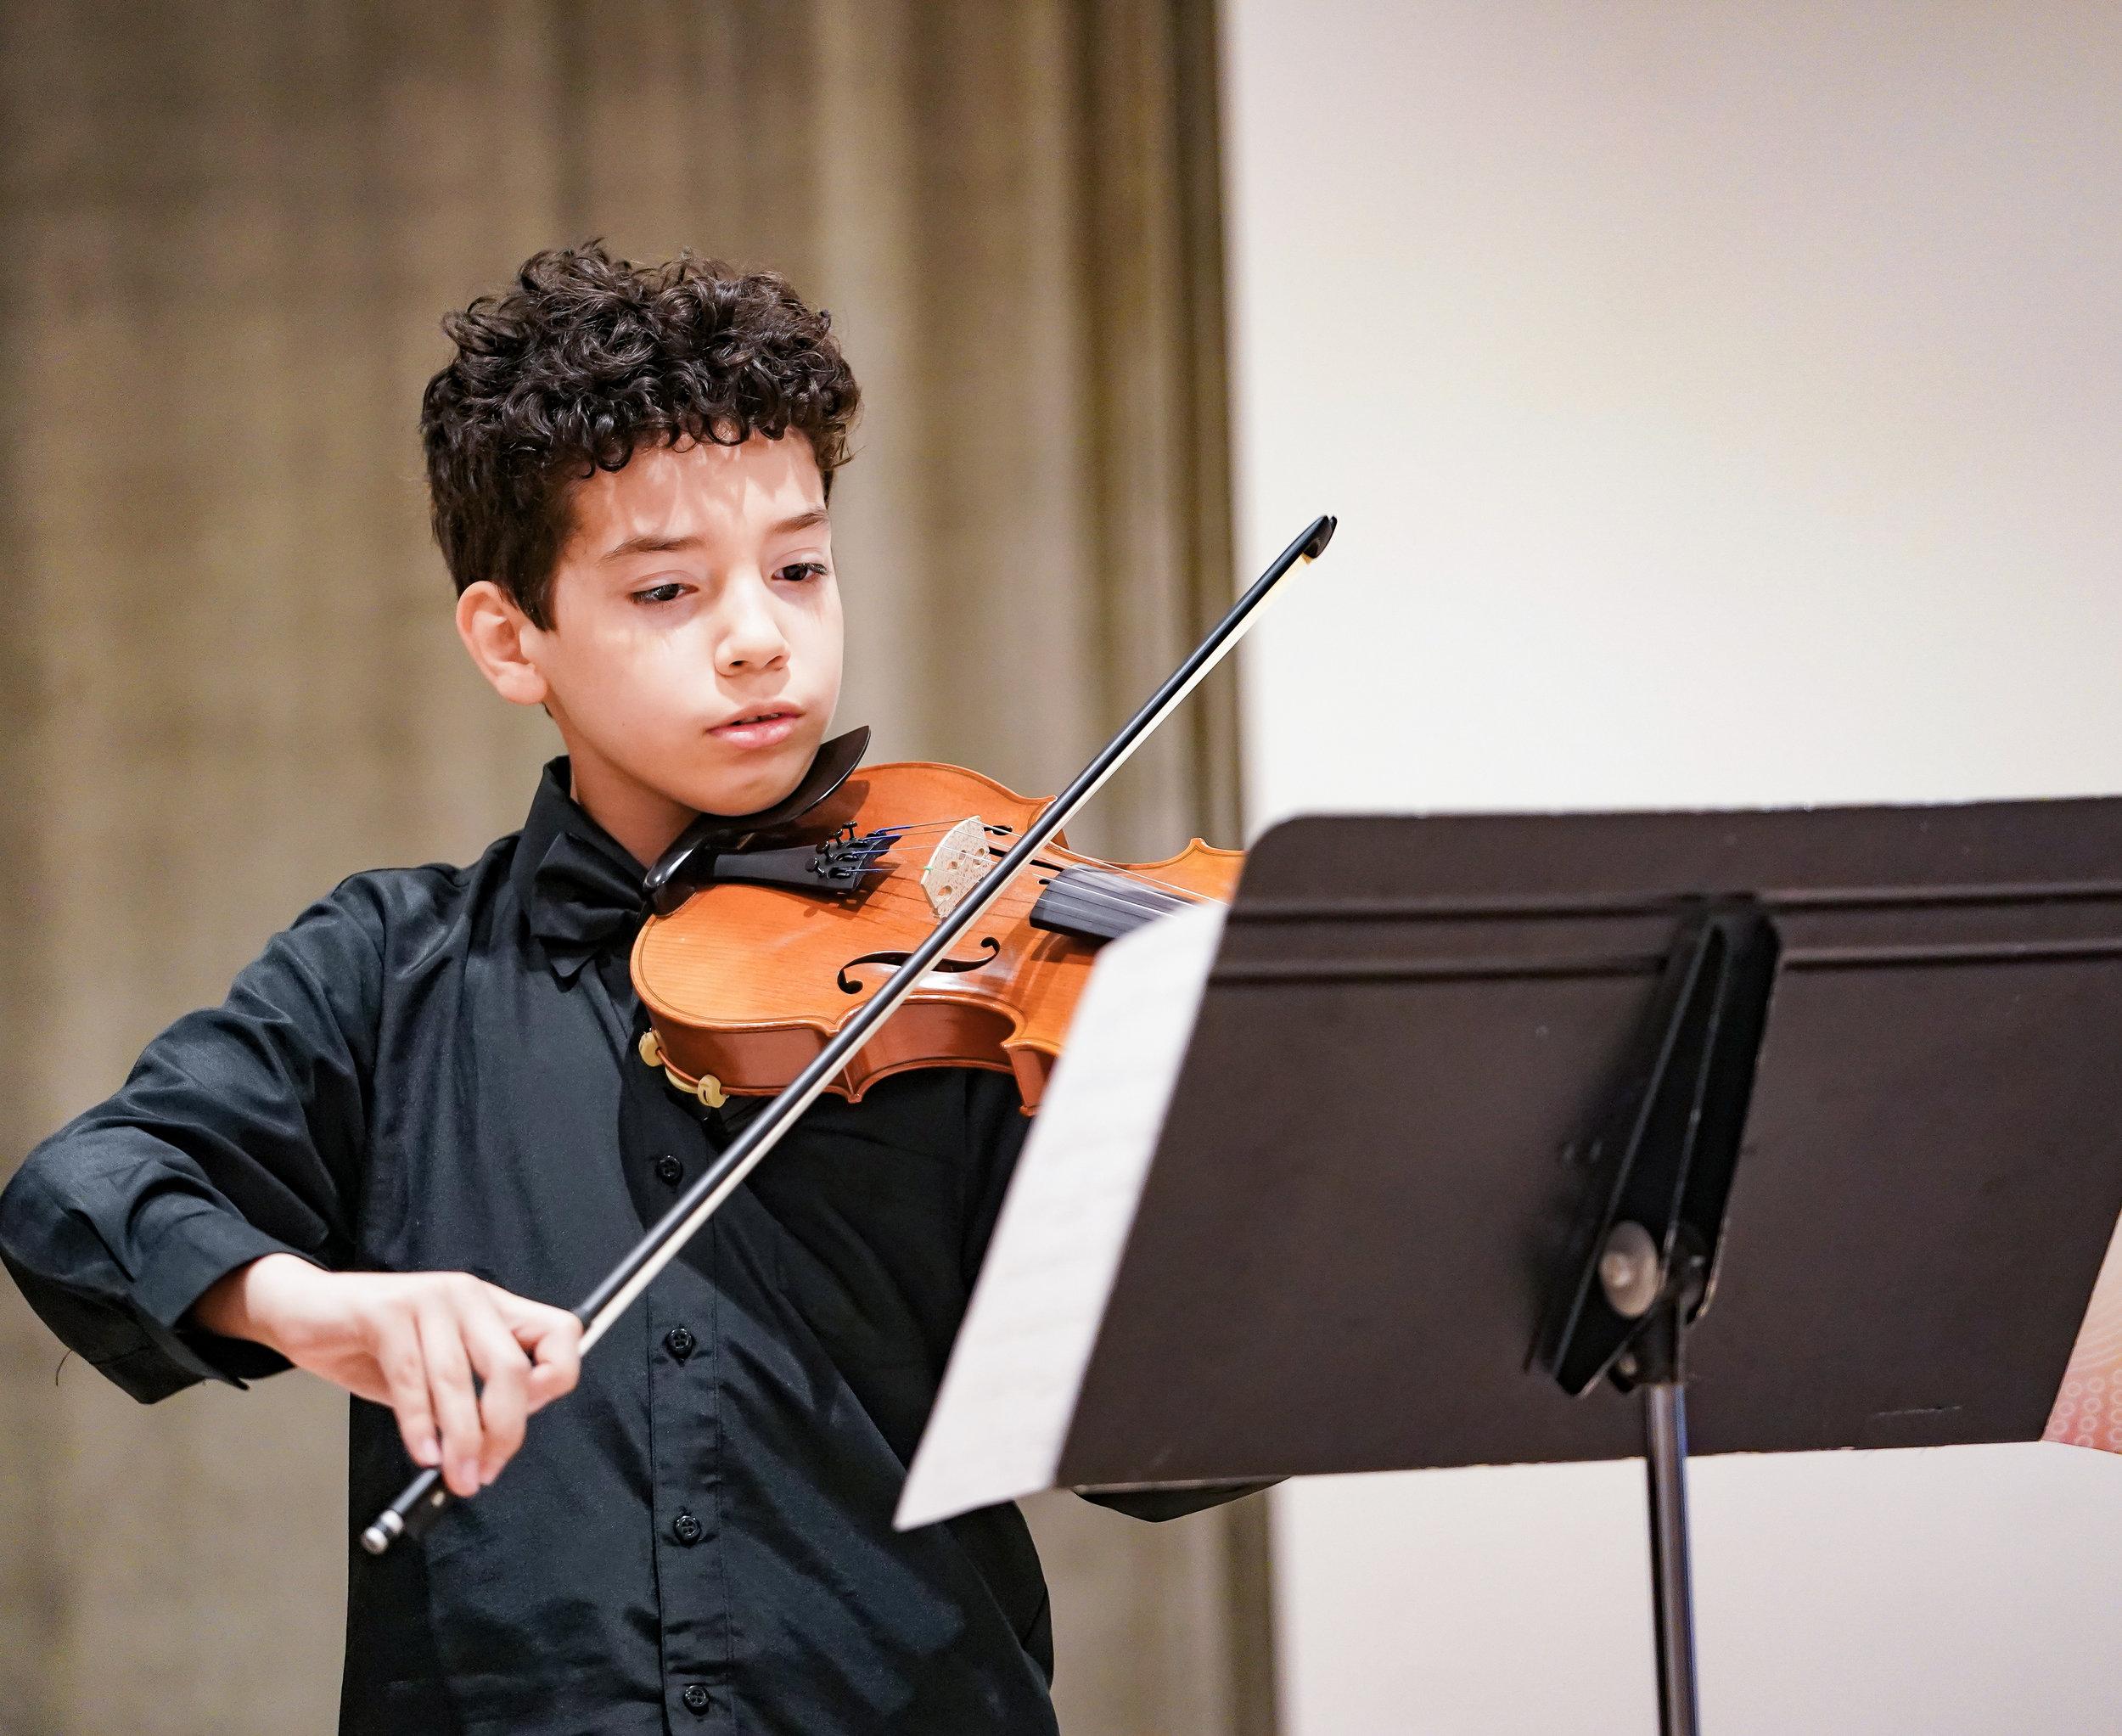 PAT 2019 Day 4 - boy violen (photo by Mark Torres).jpg